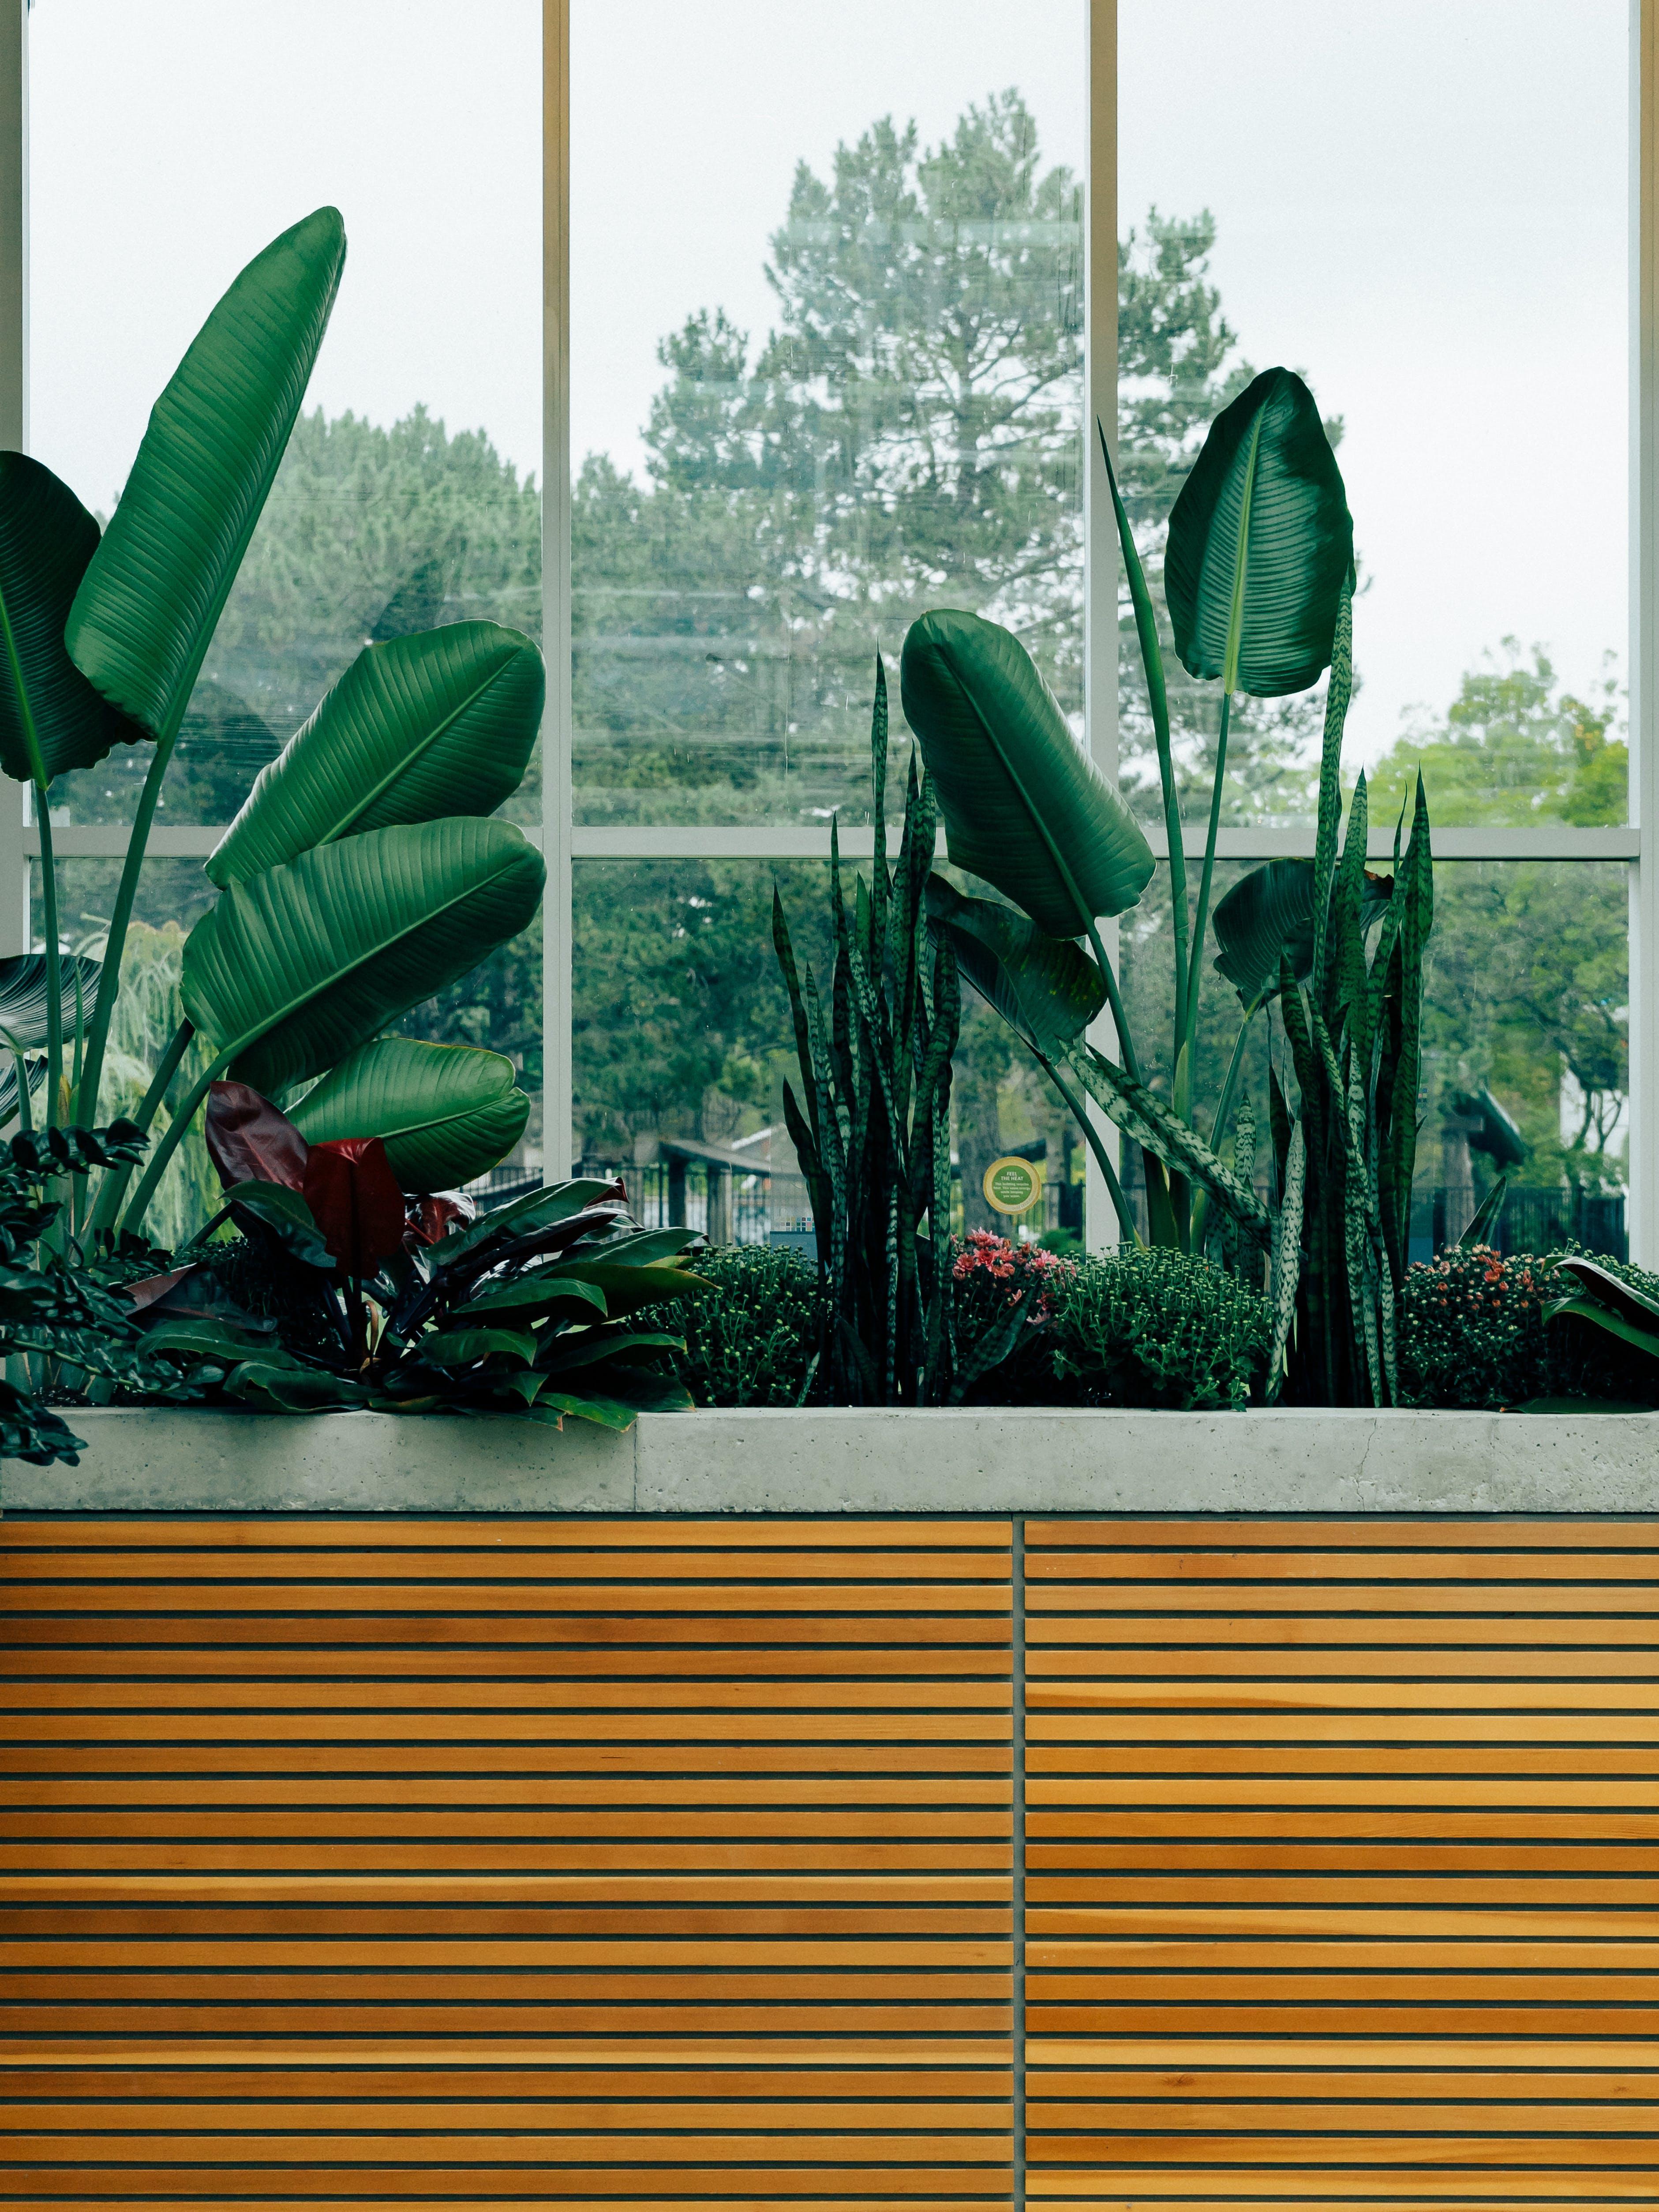 Green Lead Plant Near Glass Window